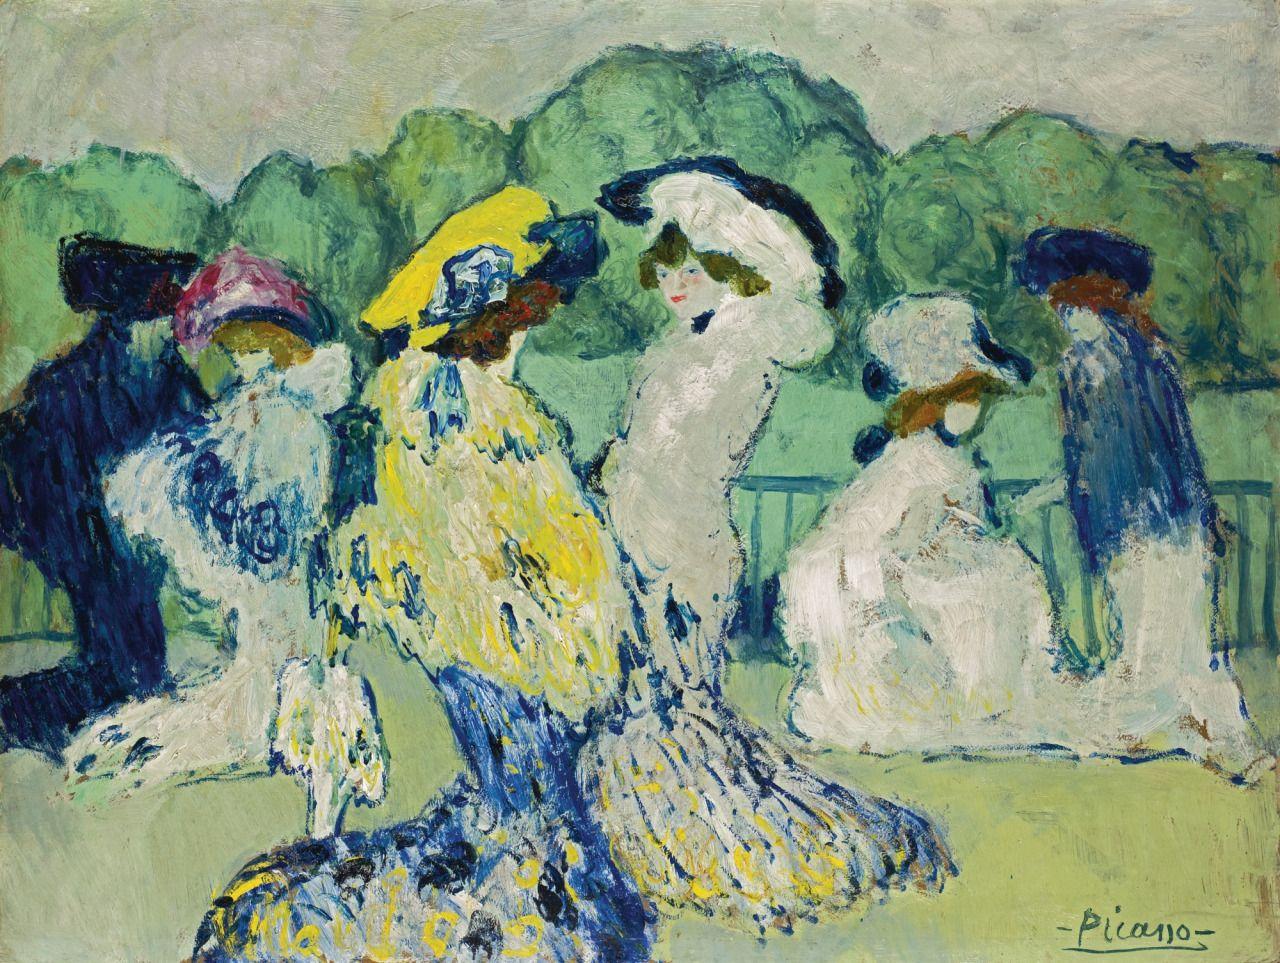 Pablo Picasso (Spanish, 1881-1973), Les Courses à Auteuil [The Races at Auteuil], Paris 1901. Oil on board, 47.2 x 62.4 cm.